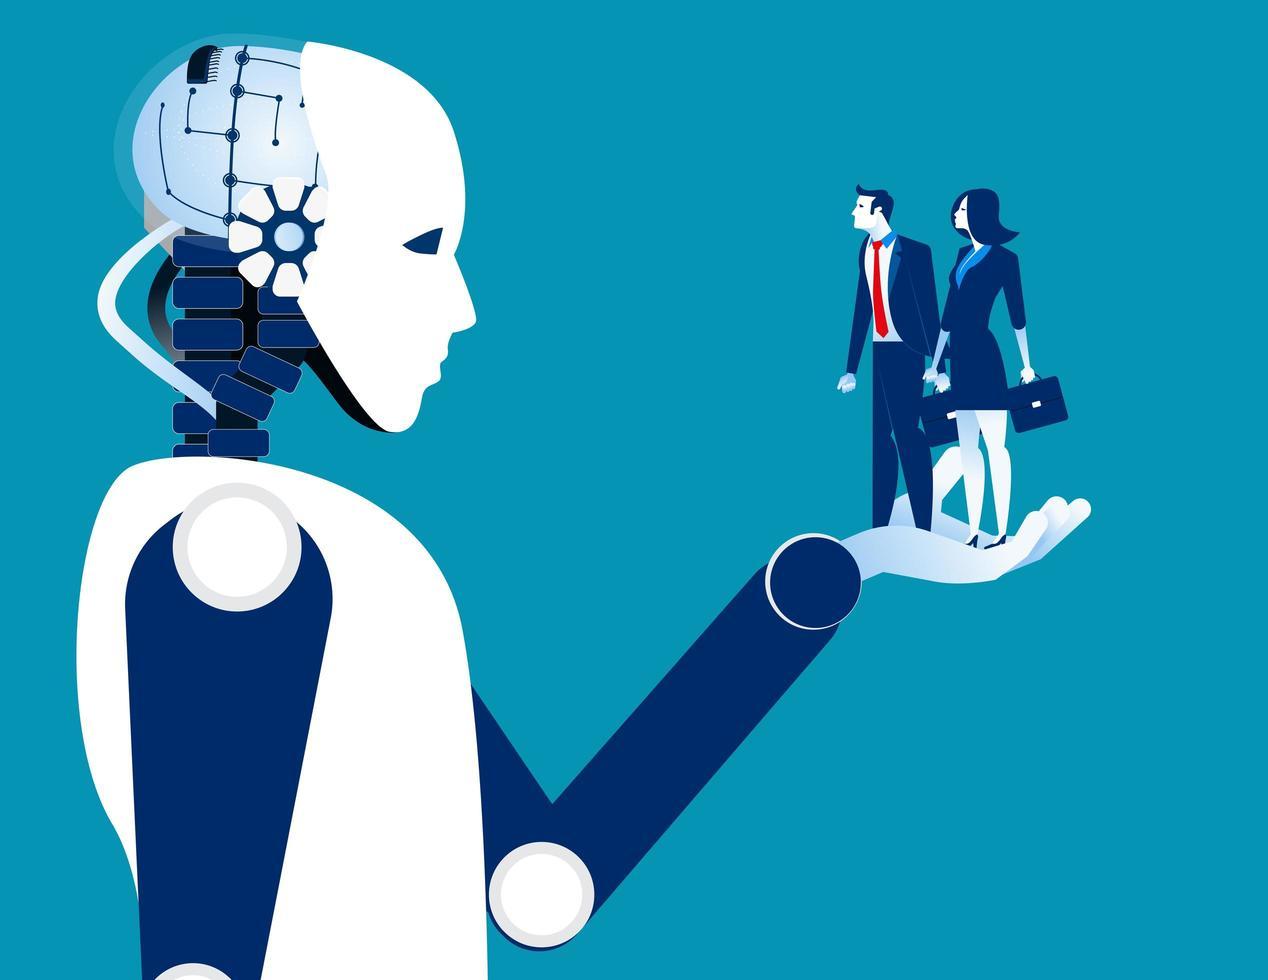 empresários humanos em mãos robóticas vetor